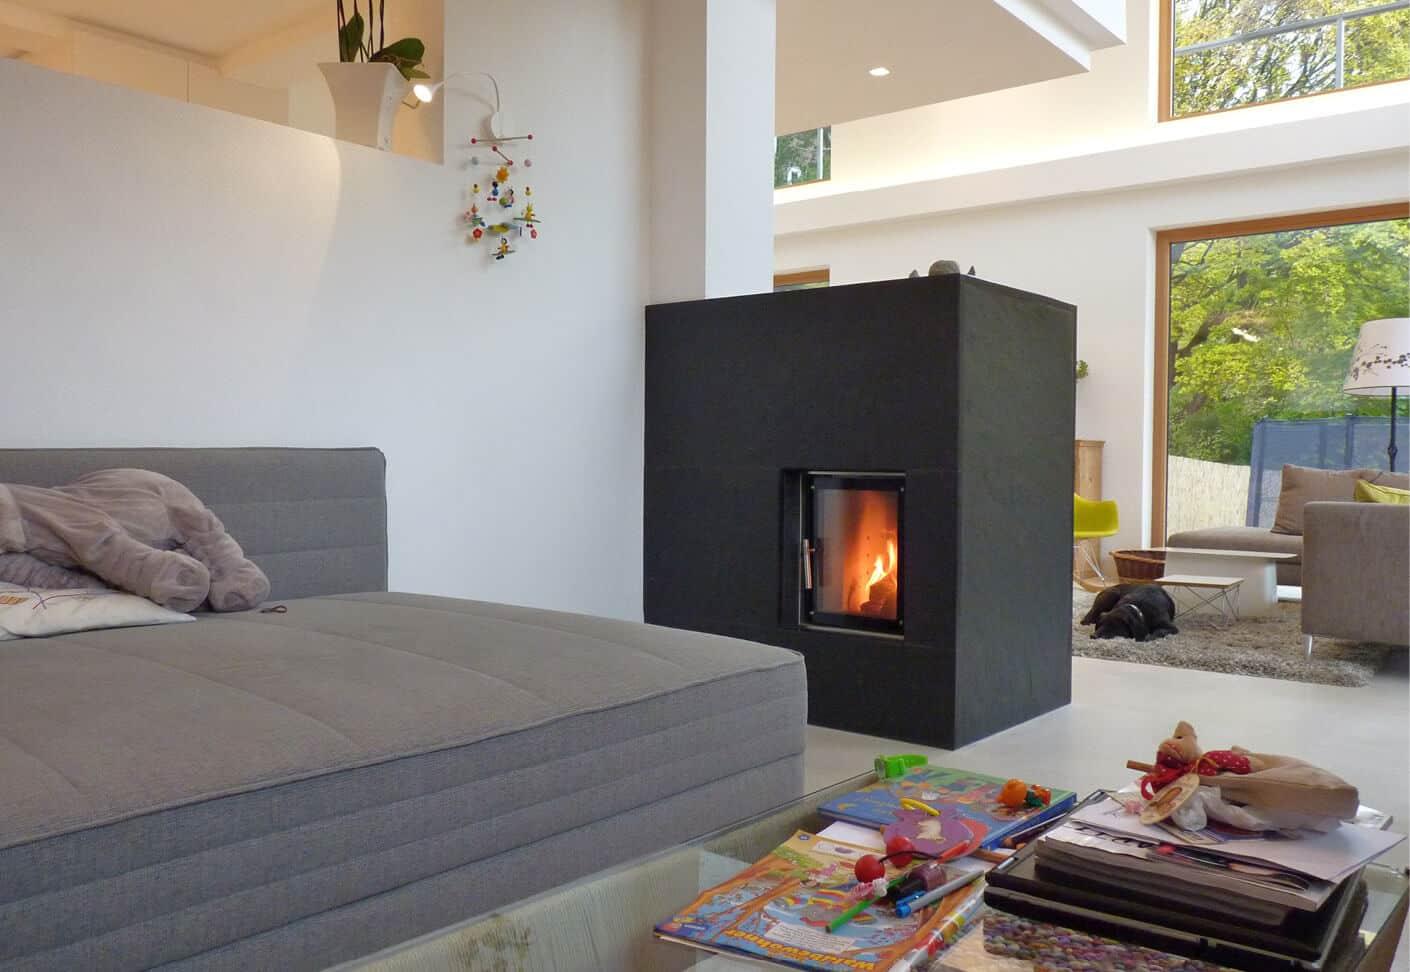 Schwarzer Speichertunnel in einem hellen, offenen Wohnraum